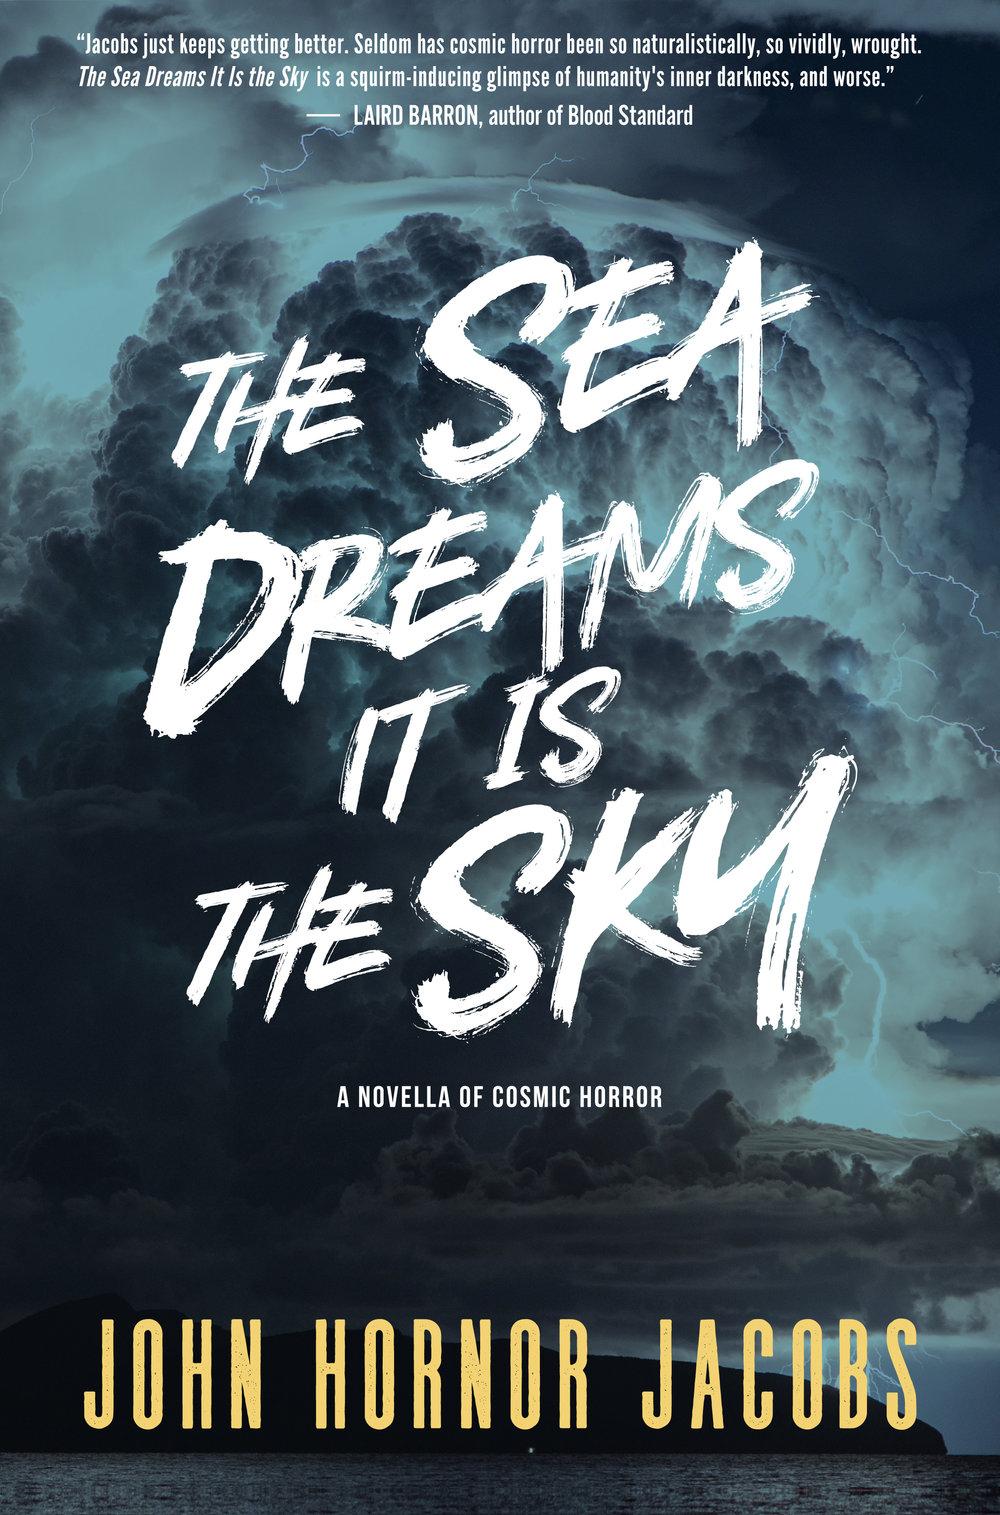 The Sea Dreams It Is The Sky-John Hornor Jacobs.jpg